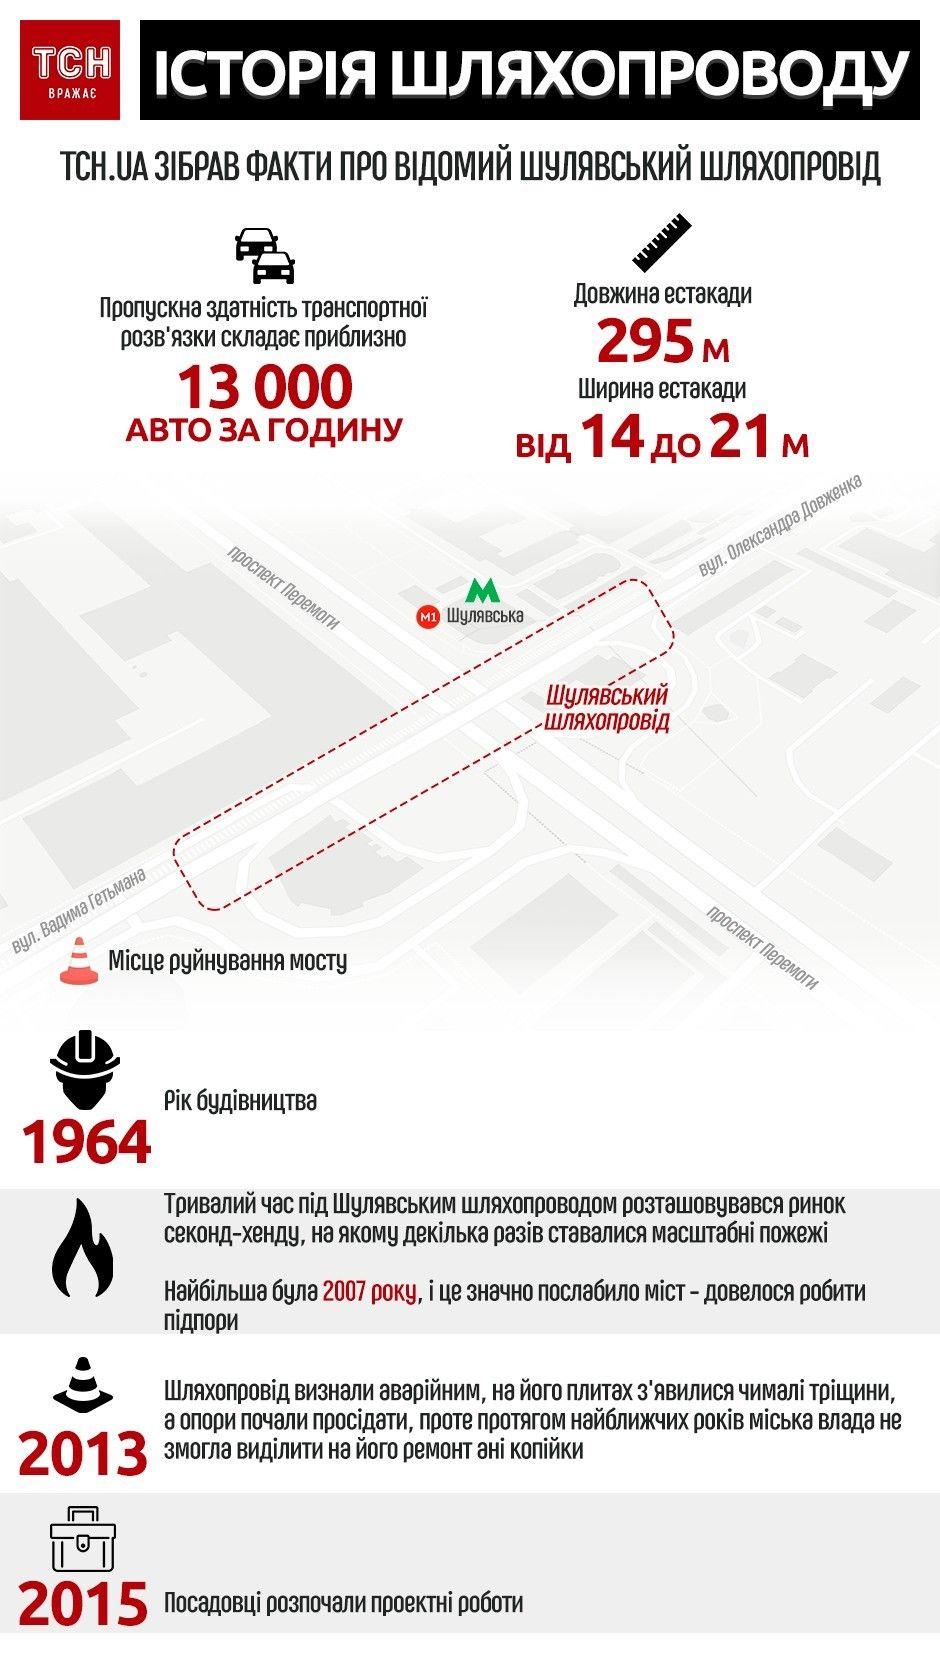 Шулявський шляхопровід. Інфографіка